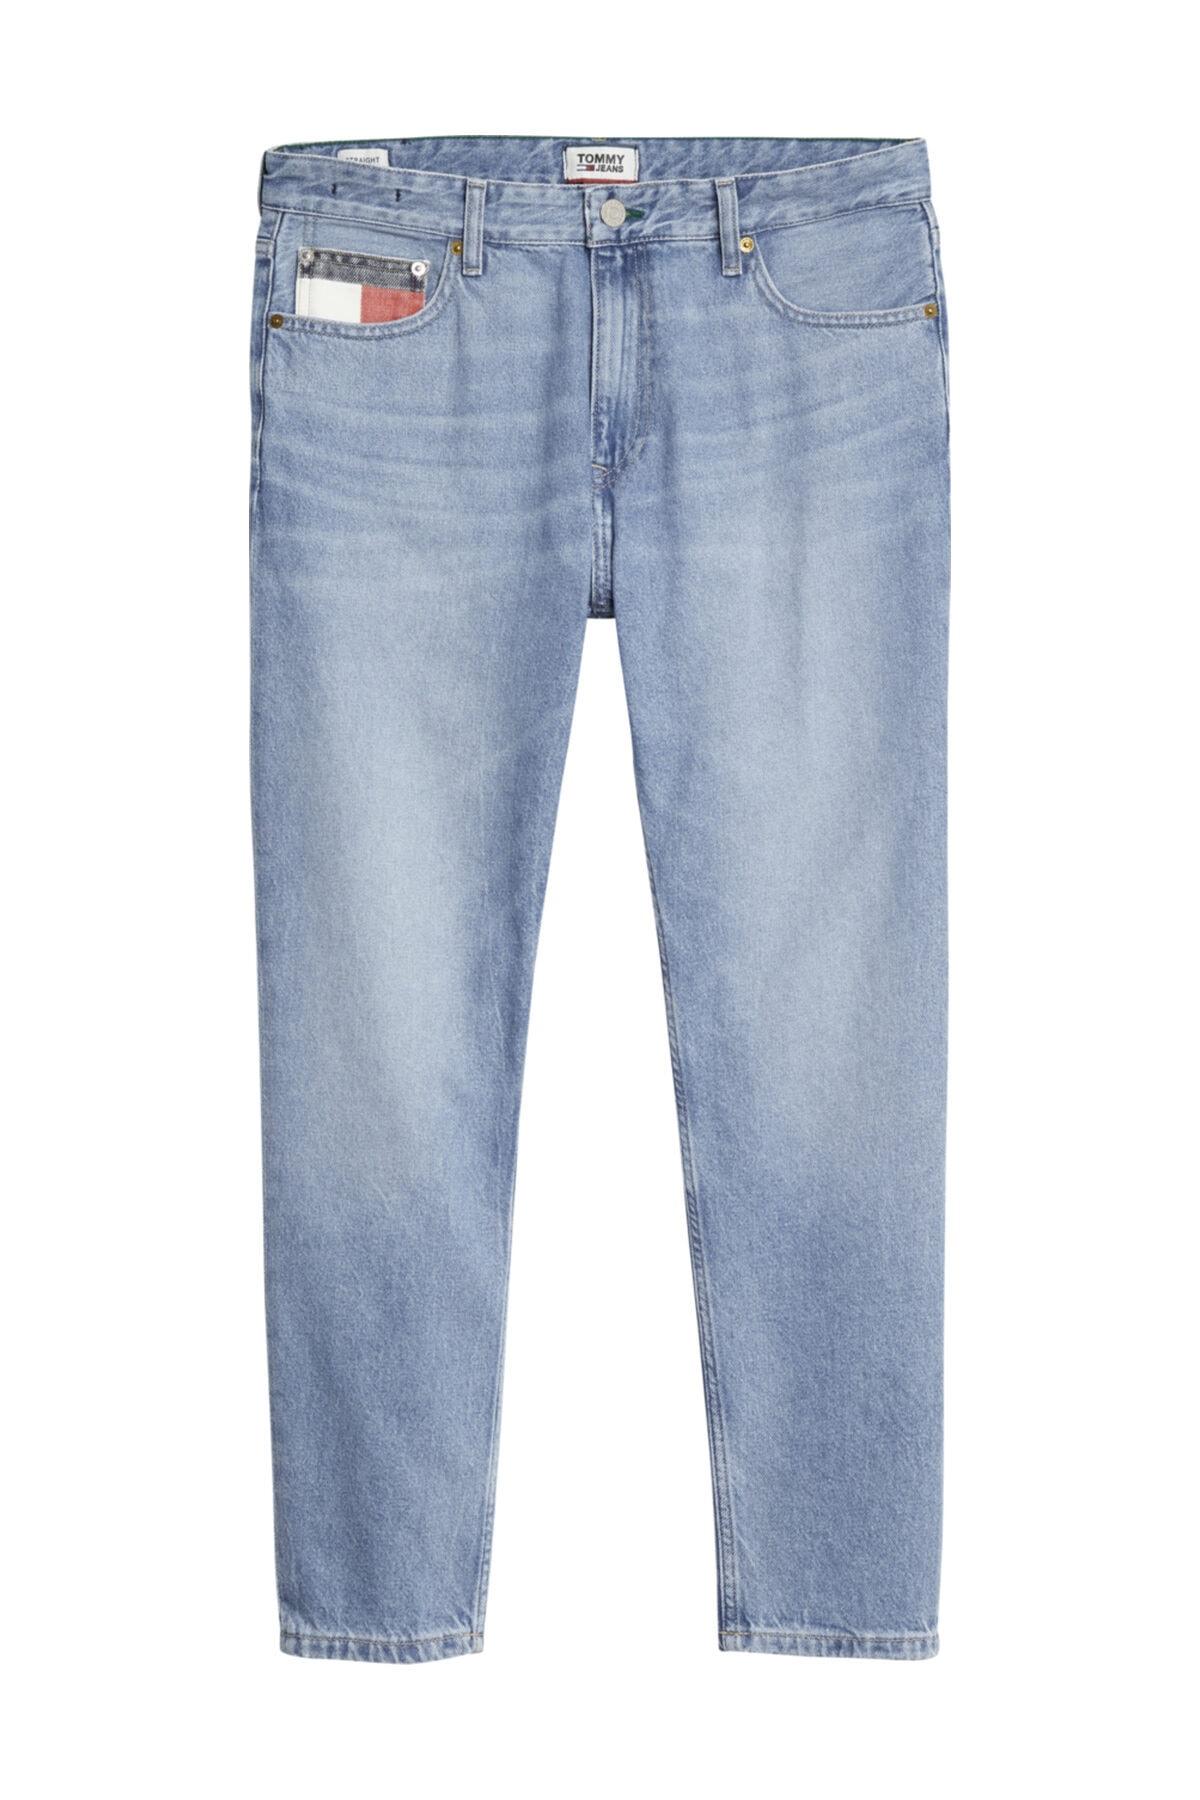 Tommy Hilfiger Erkek Denim Jeans Dad Jean Strght Svlb DM0DM08270 1